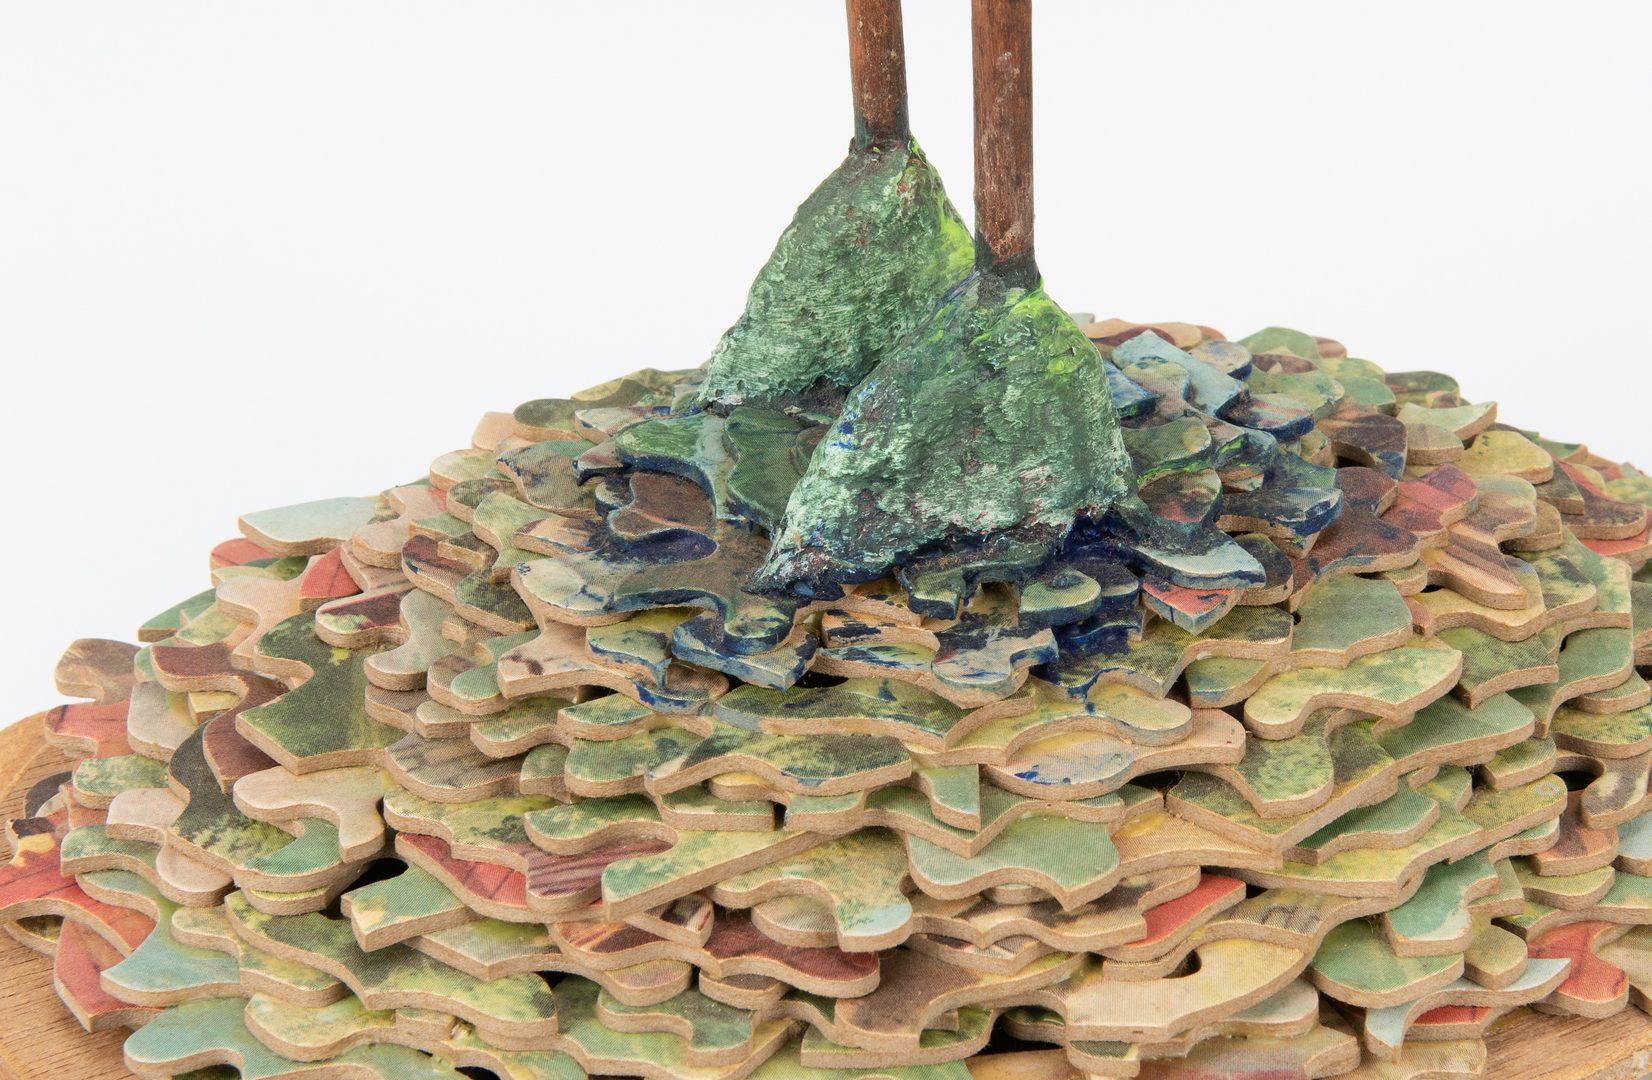 Lot 332: Dewey Blocksma Mixed Media Sculpture